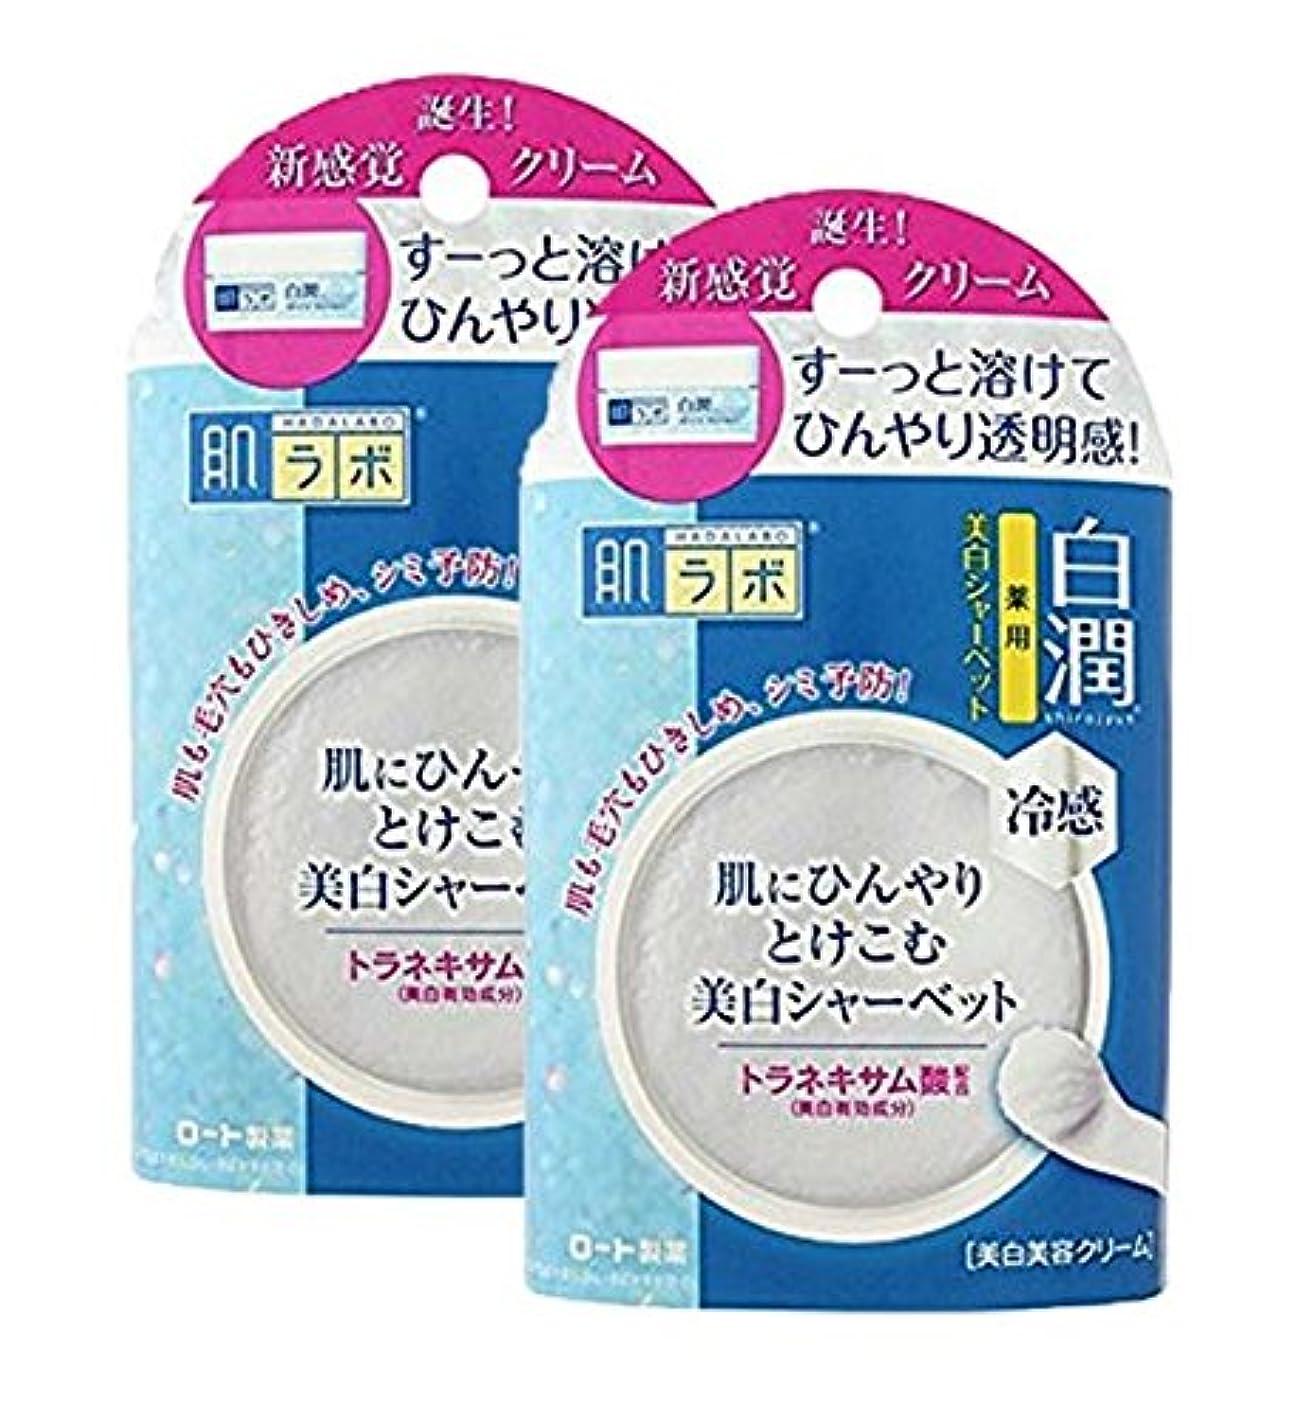 まばたき郵便全国肌ラボ 白潤 冷感美白シャーベット30g (医薬部外品)×2